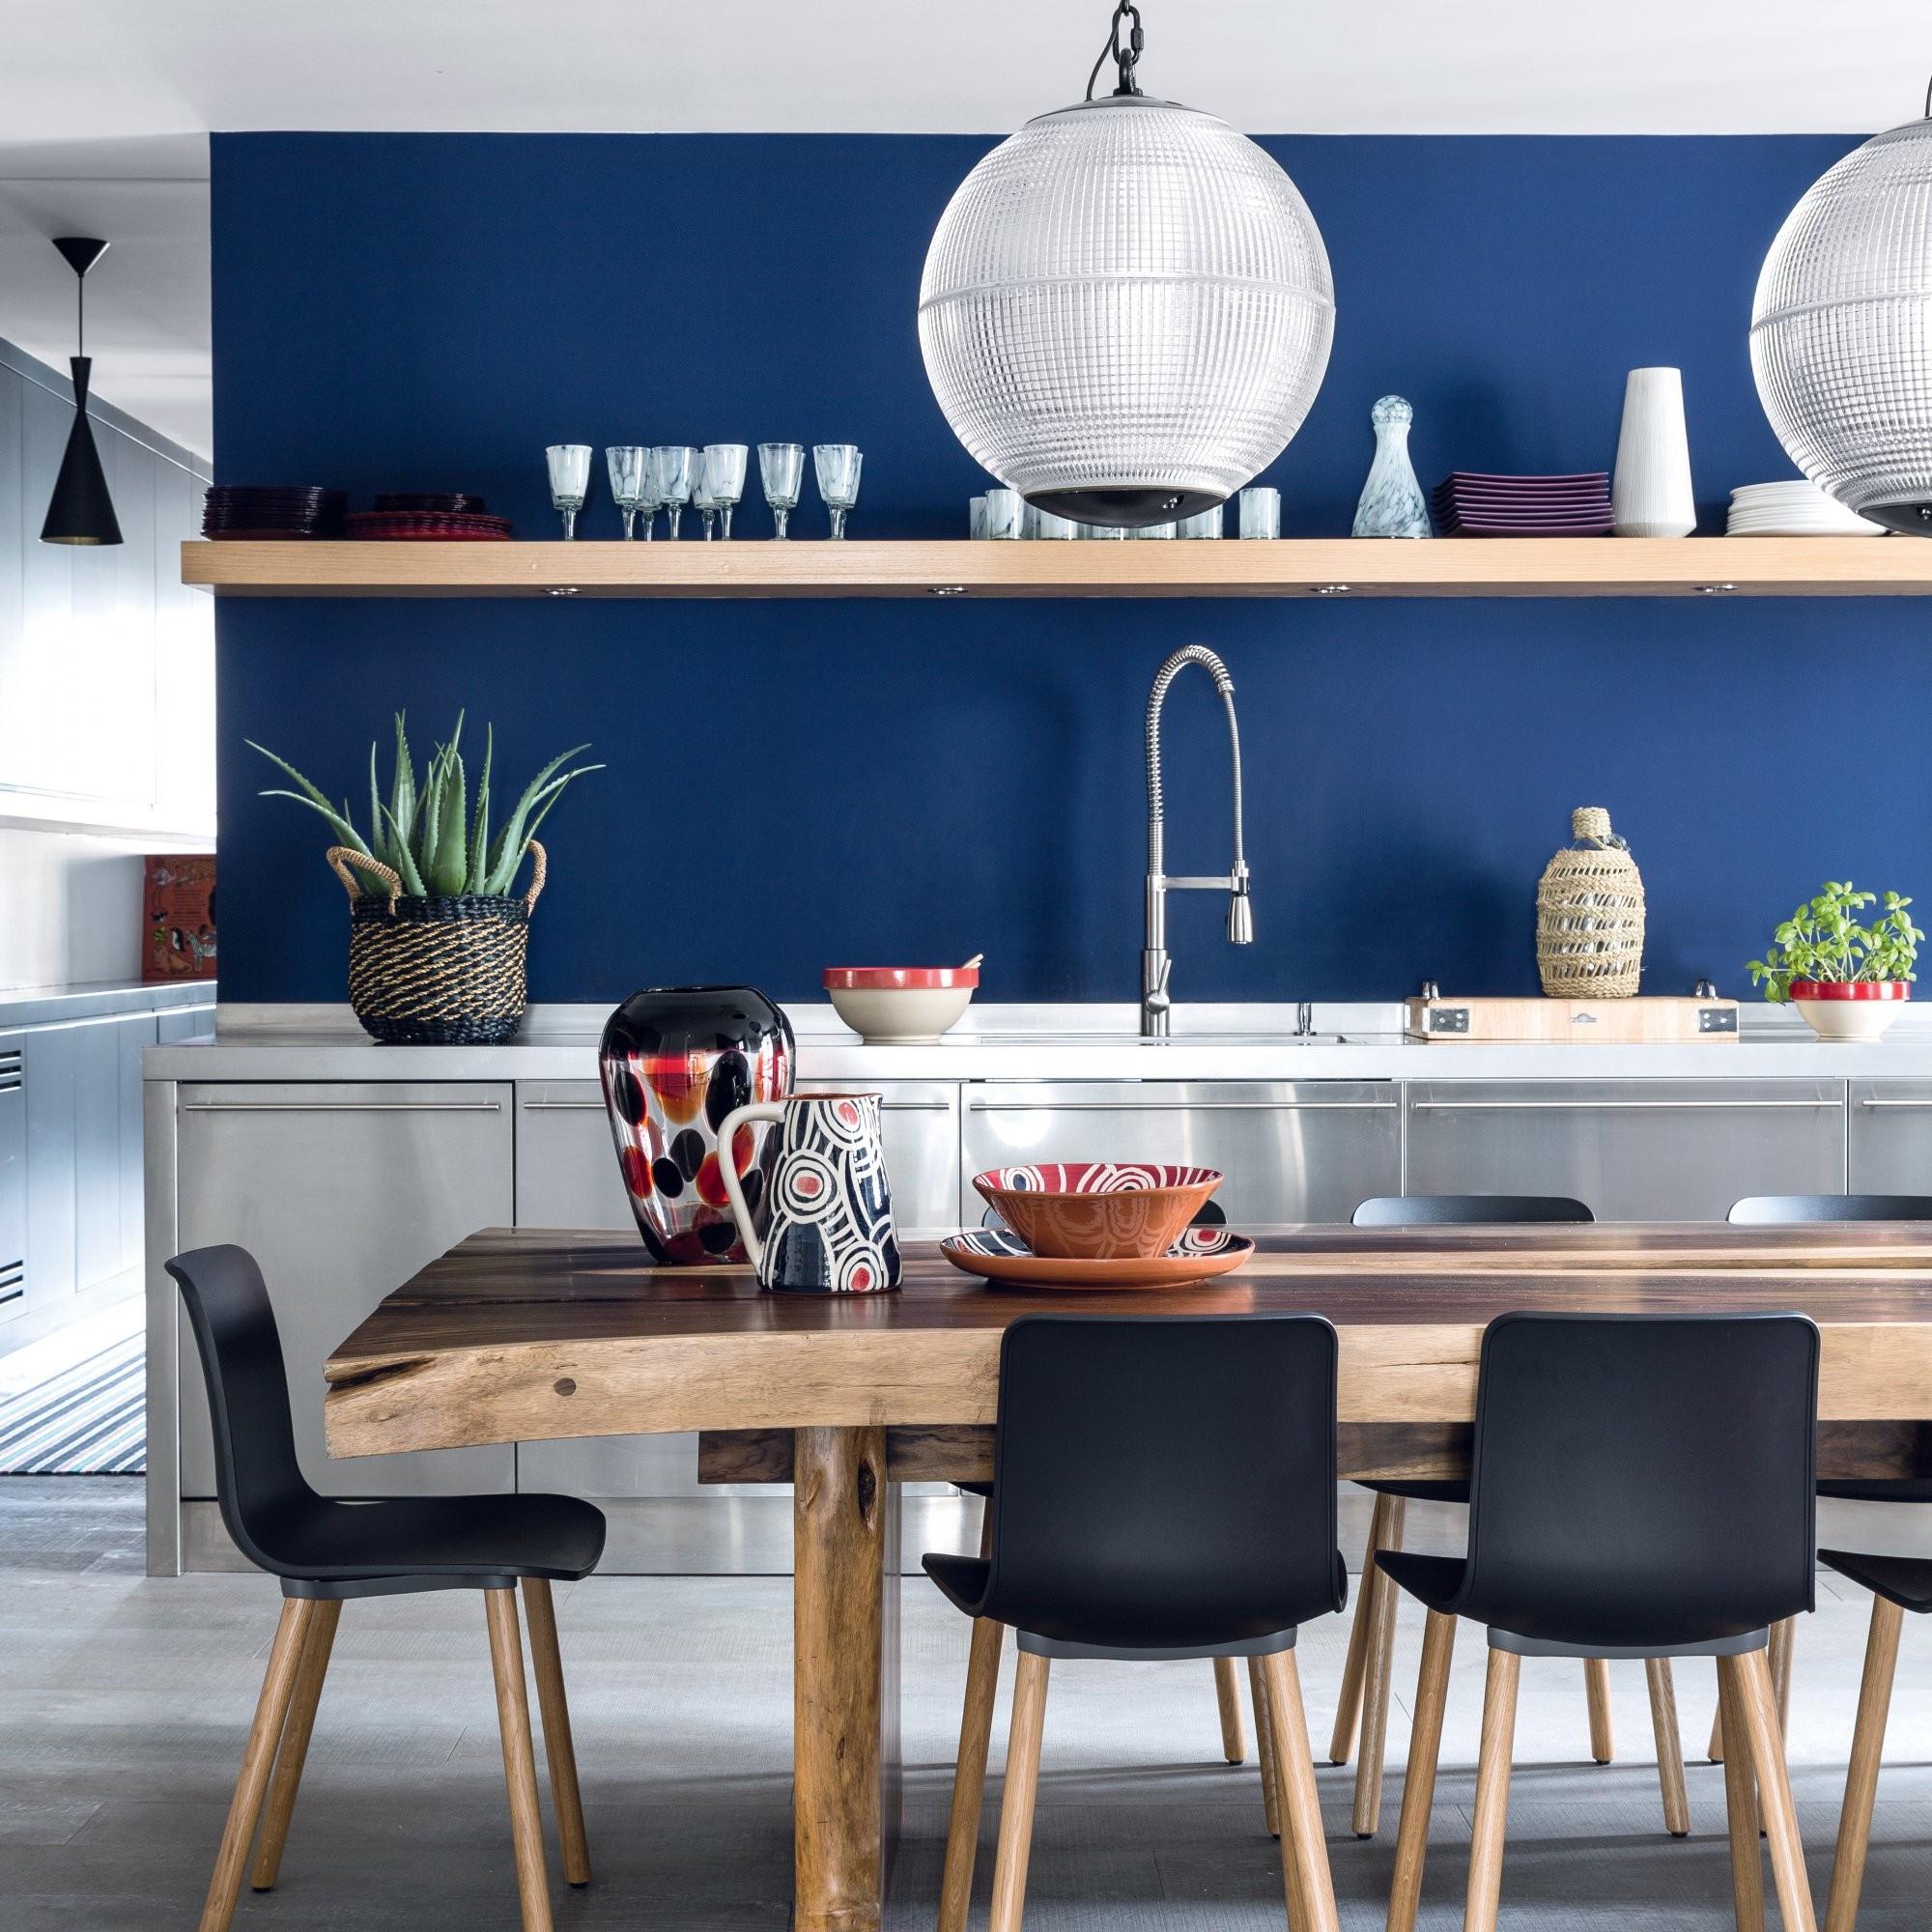 luxe canape darty cuisine bleue marie claire et cuisine bleu marine et blanche avec idees astucieuses